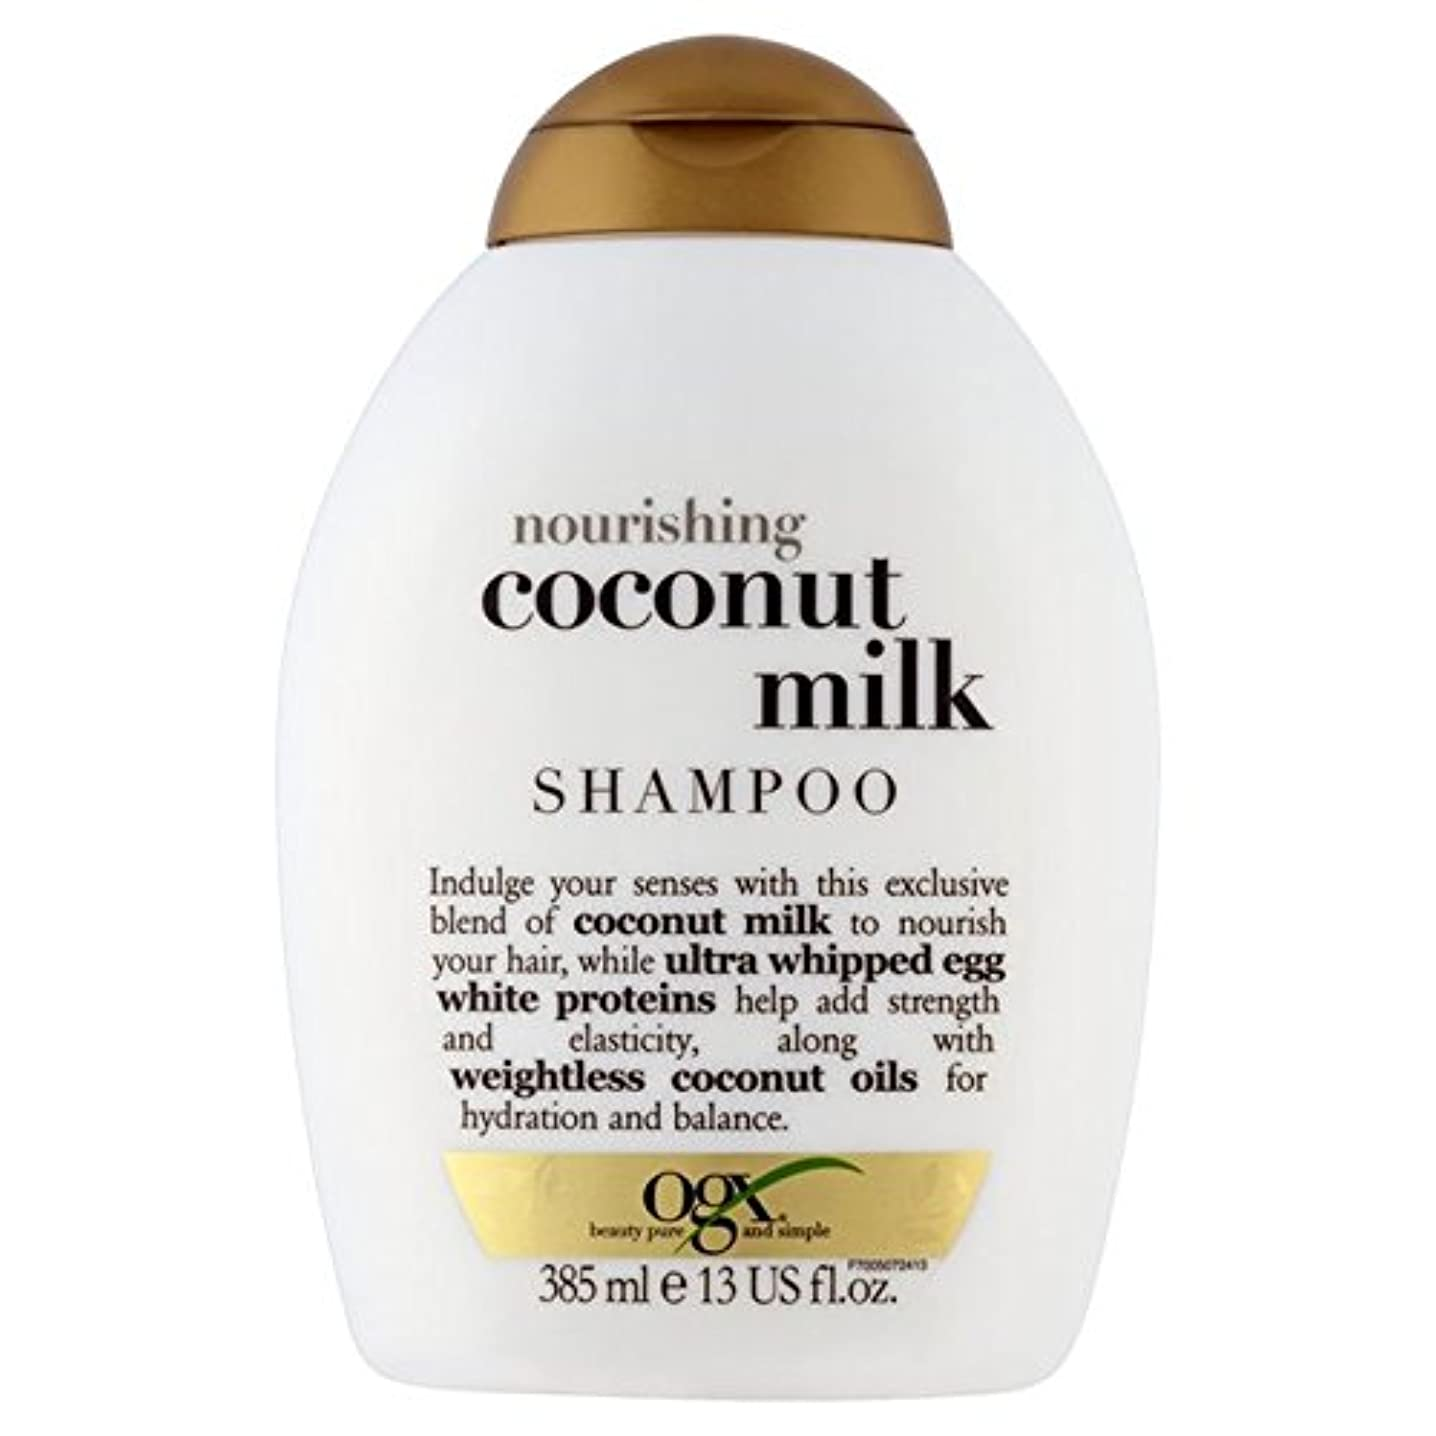 ジャズ胸陸軍Ogx Coconut Milk Shampoo 385ml - ココナッツミルクシャンプー385ミリリットル [並行輸入品]